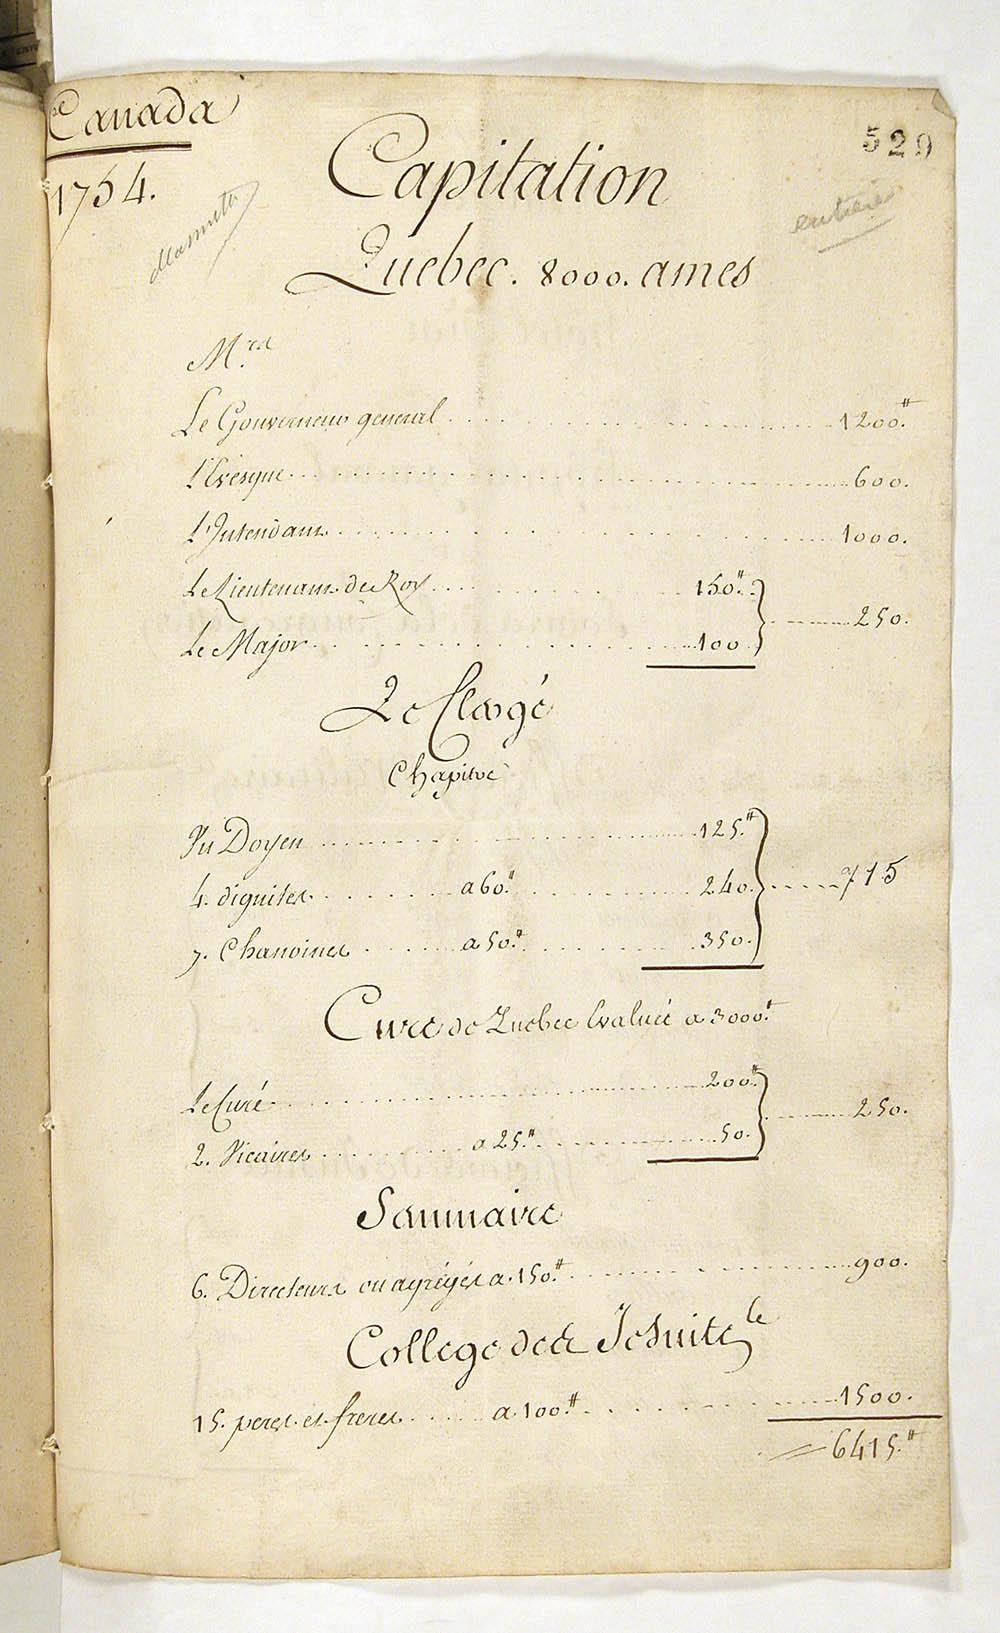 Plan to introduce capitation in Canada, 1754, FR CAOM COL C11A 99 fol. 529-533vo